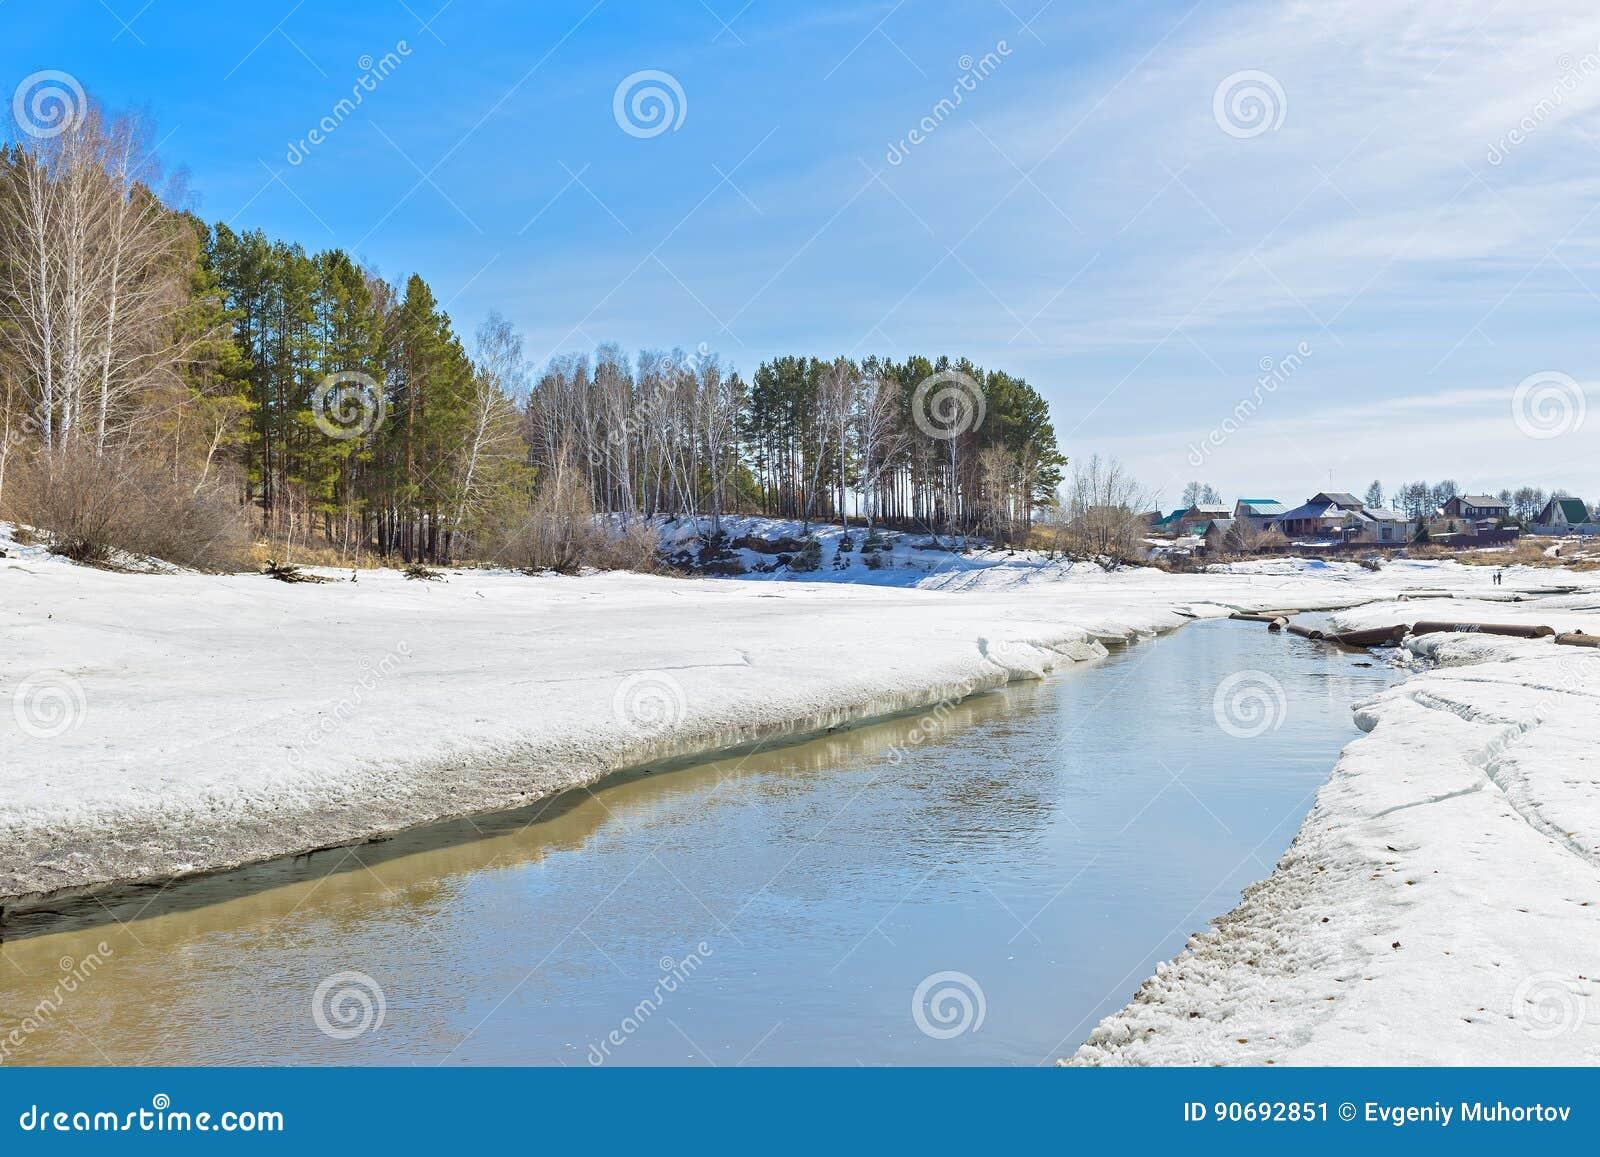 τραχύς καιρός ξεπαγώνωτος ρευμάτων άνοιξη ποταμών τοπίο αγροτικό Σιβηρία, Ρωσία